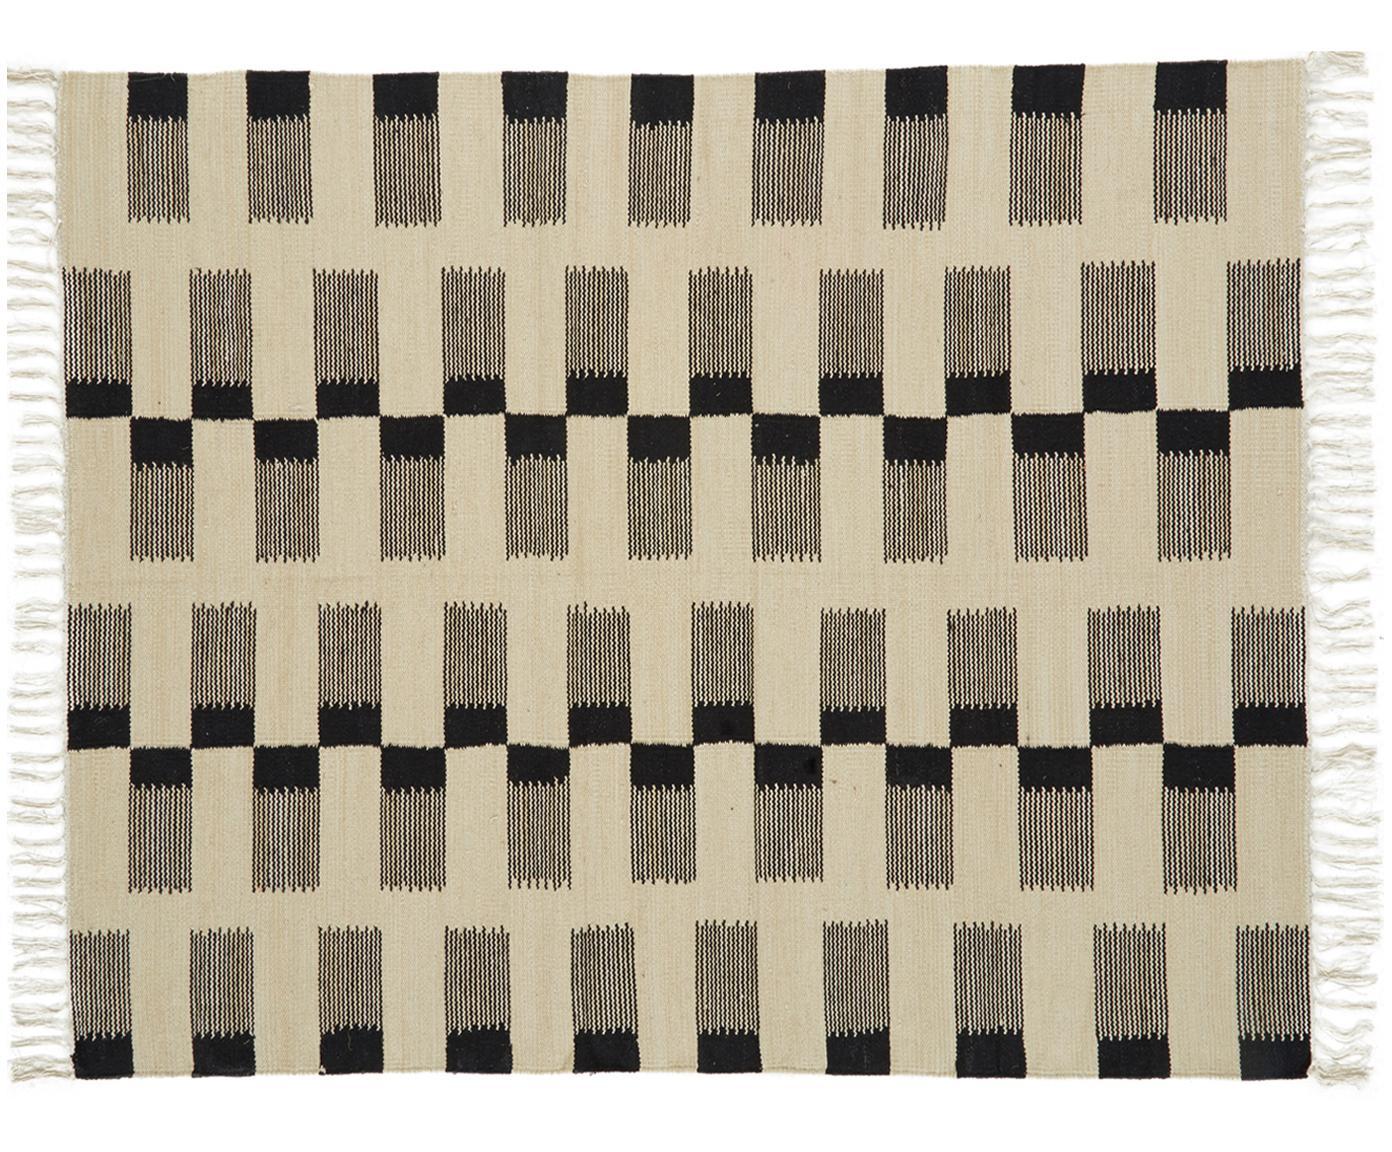 Teppich Grabig mit Blockmuster in Beige-Schwarz, Beige, Schwarz, B 130 x L 170 cm (Grösse S)